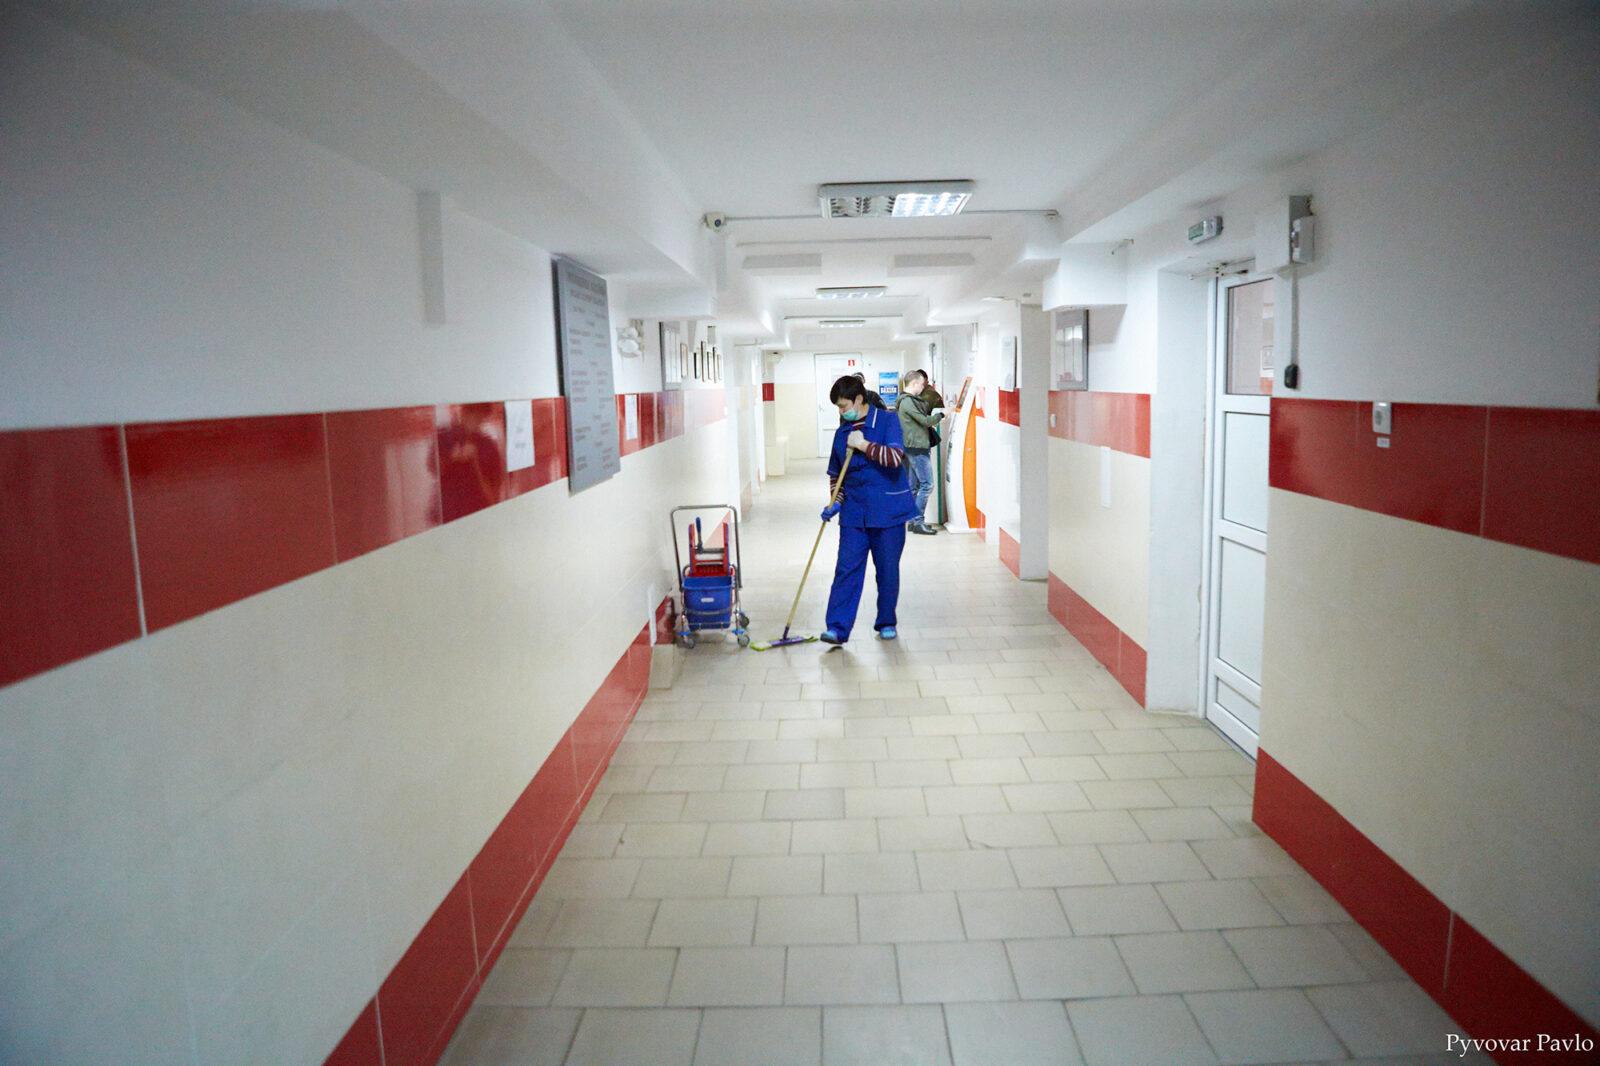 Марцінків проінспектував лікарню на Матейка 4